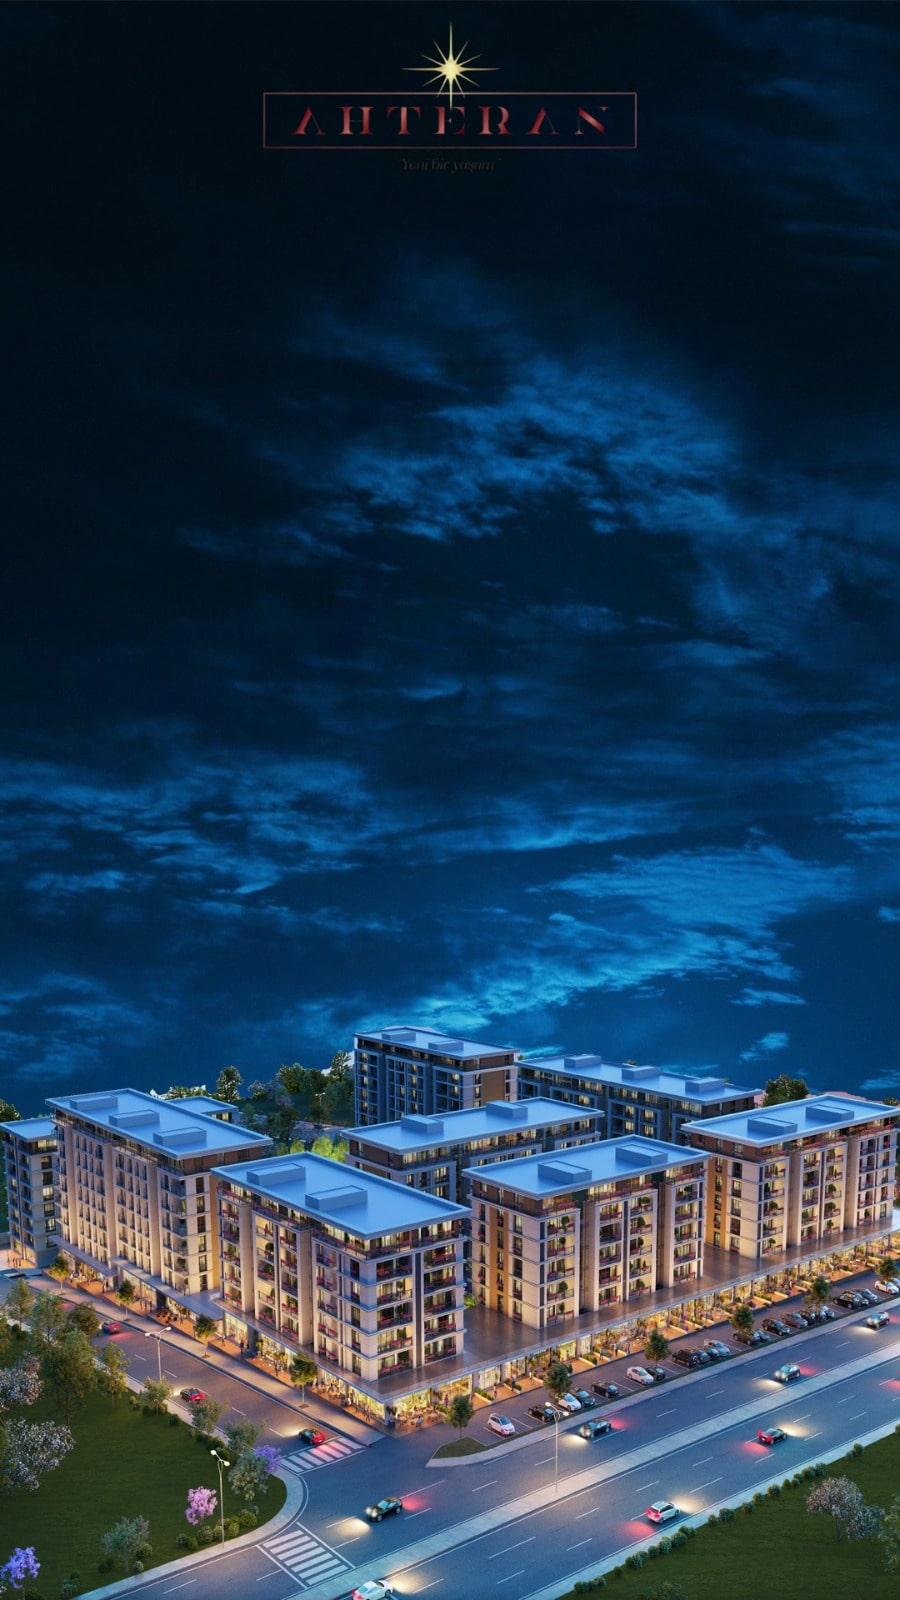 Квартиры планировкой 2+1, 3+1 и 4+1 в Эсеньюрт - Фото 9